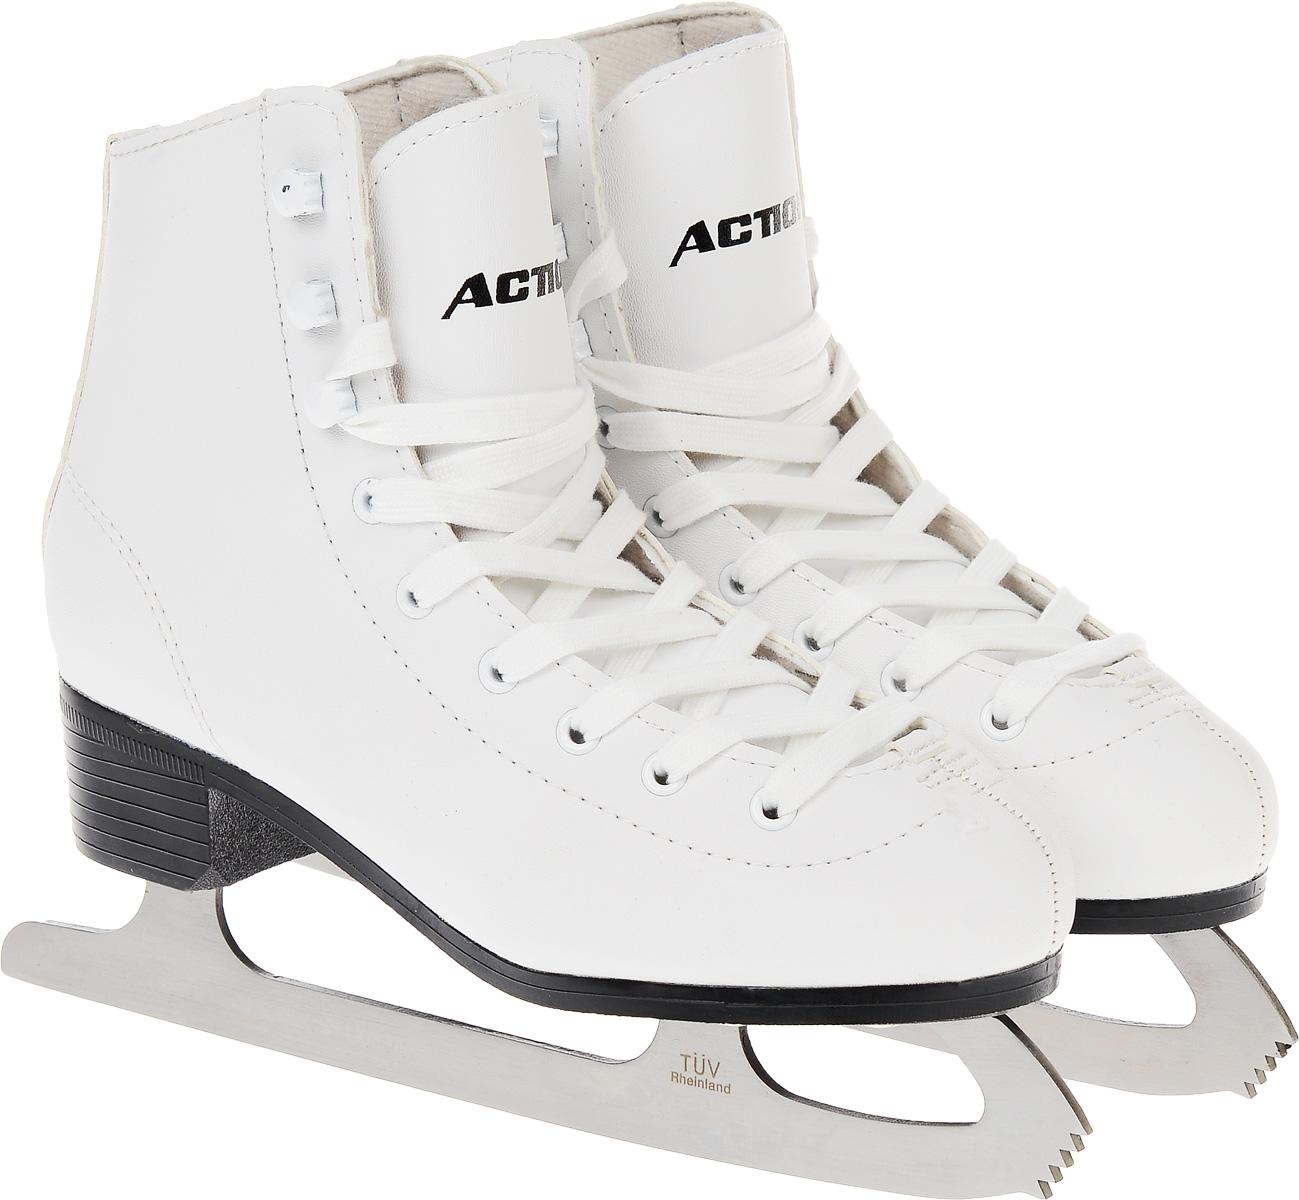 Коньки фигурные женские Action Sporting Goods, цвет: белый. PW-215. Размер 39PW-221Высокий классический ботинок идеально подойдет для любительского катания. Модель снабжена системой быстрой шнуровки и поддержкой голеностопа. Верх ботинка выполнен из высококачественной искусственной кожи, подошва - твердый пластик.Лезвие изготовлено из нержавеющей стали со специальным покрытием, придающим дополнительную прочность.